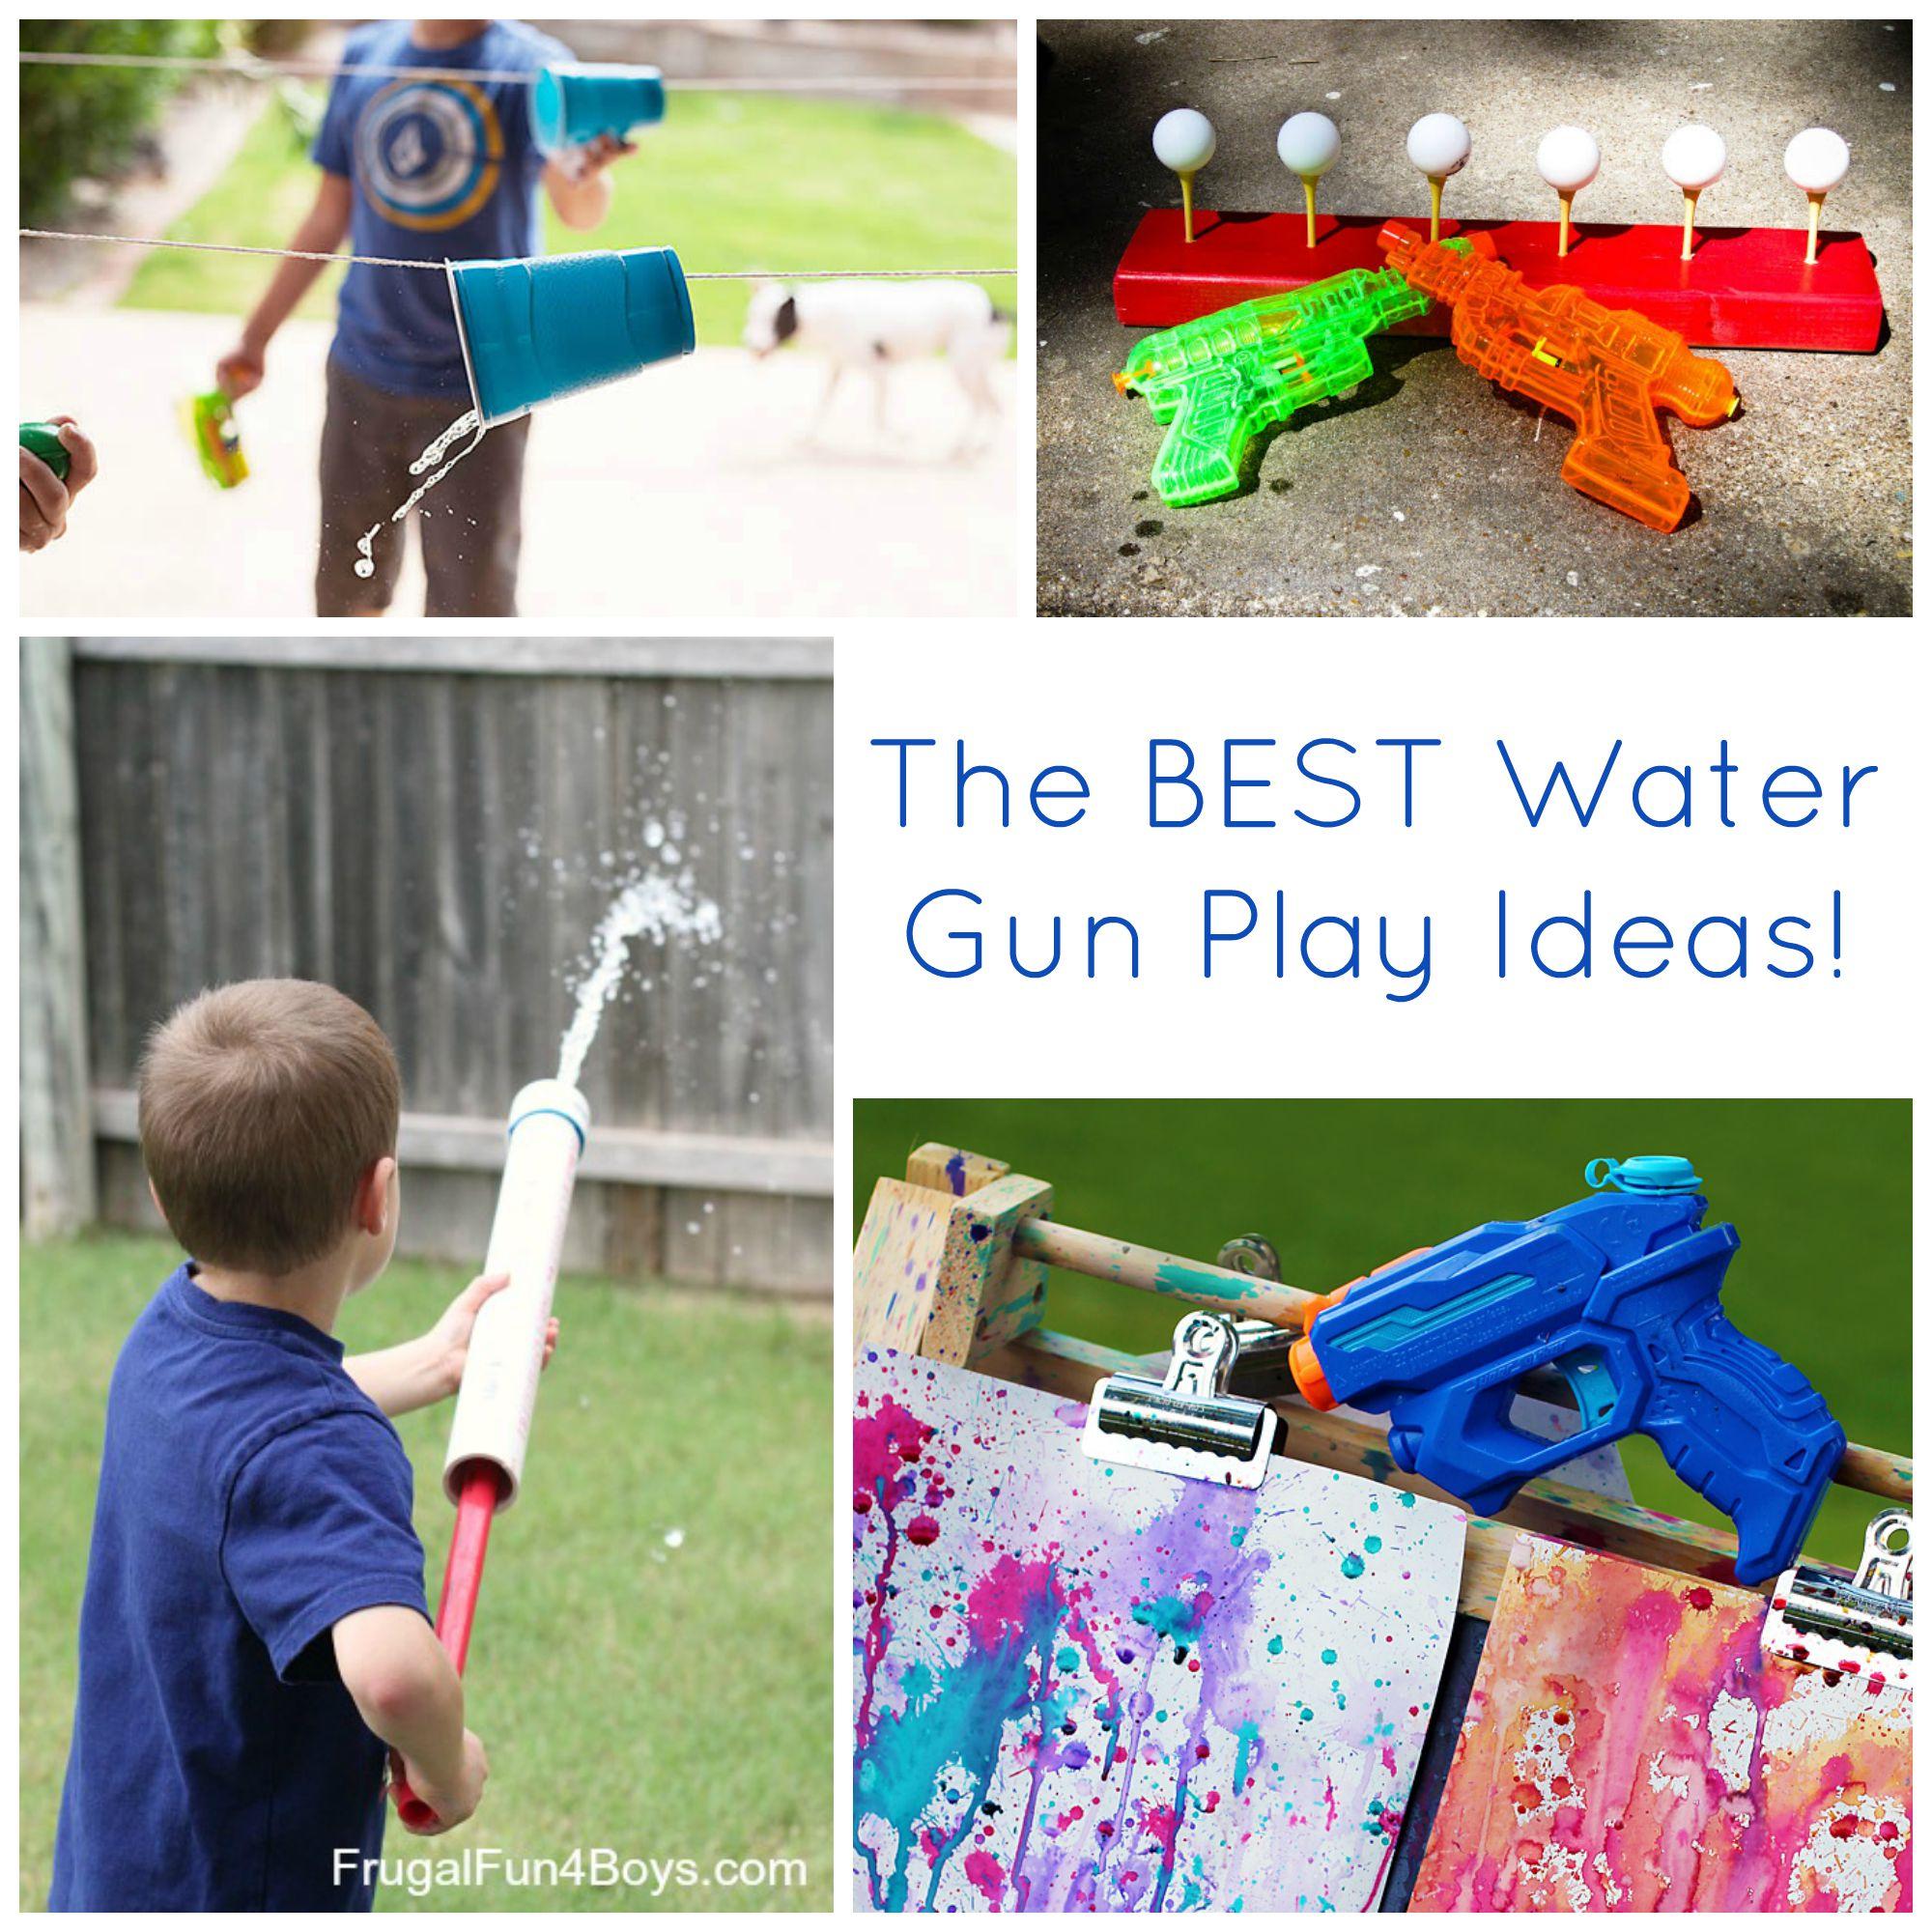 The BEST Water Gun Play Ideas!